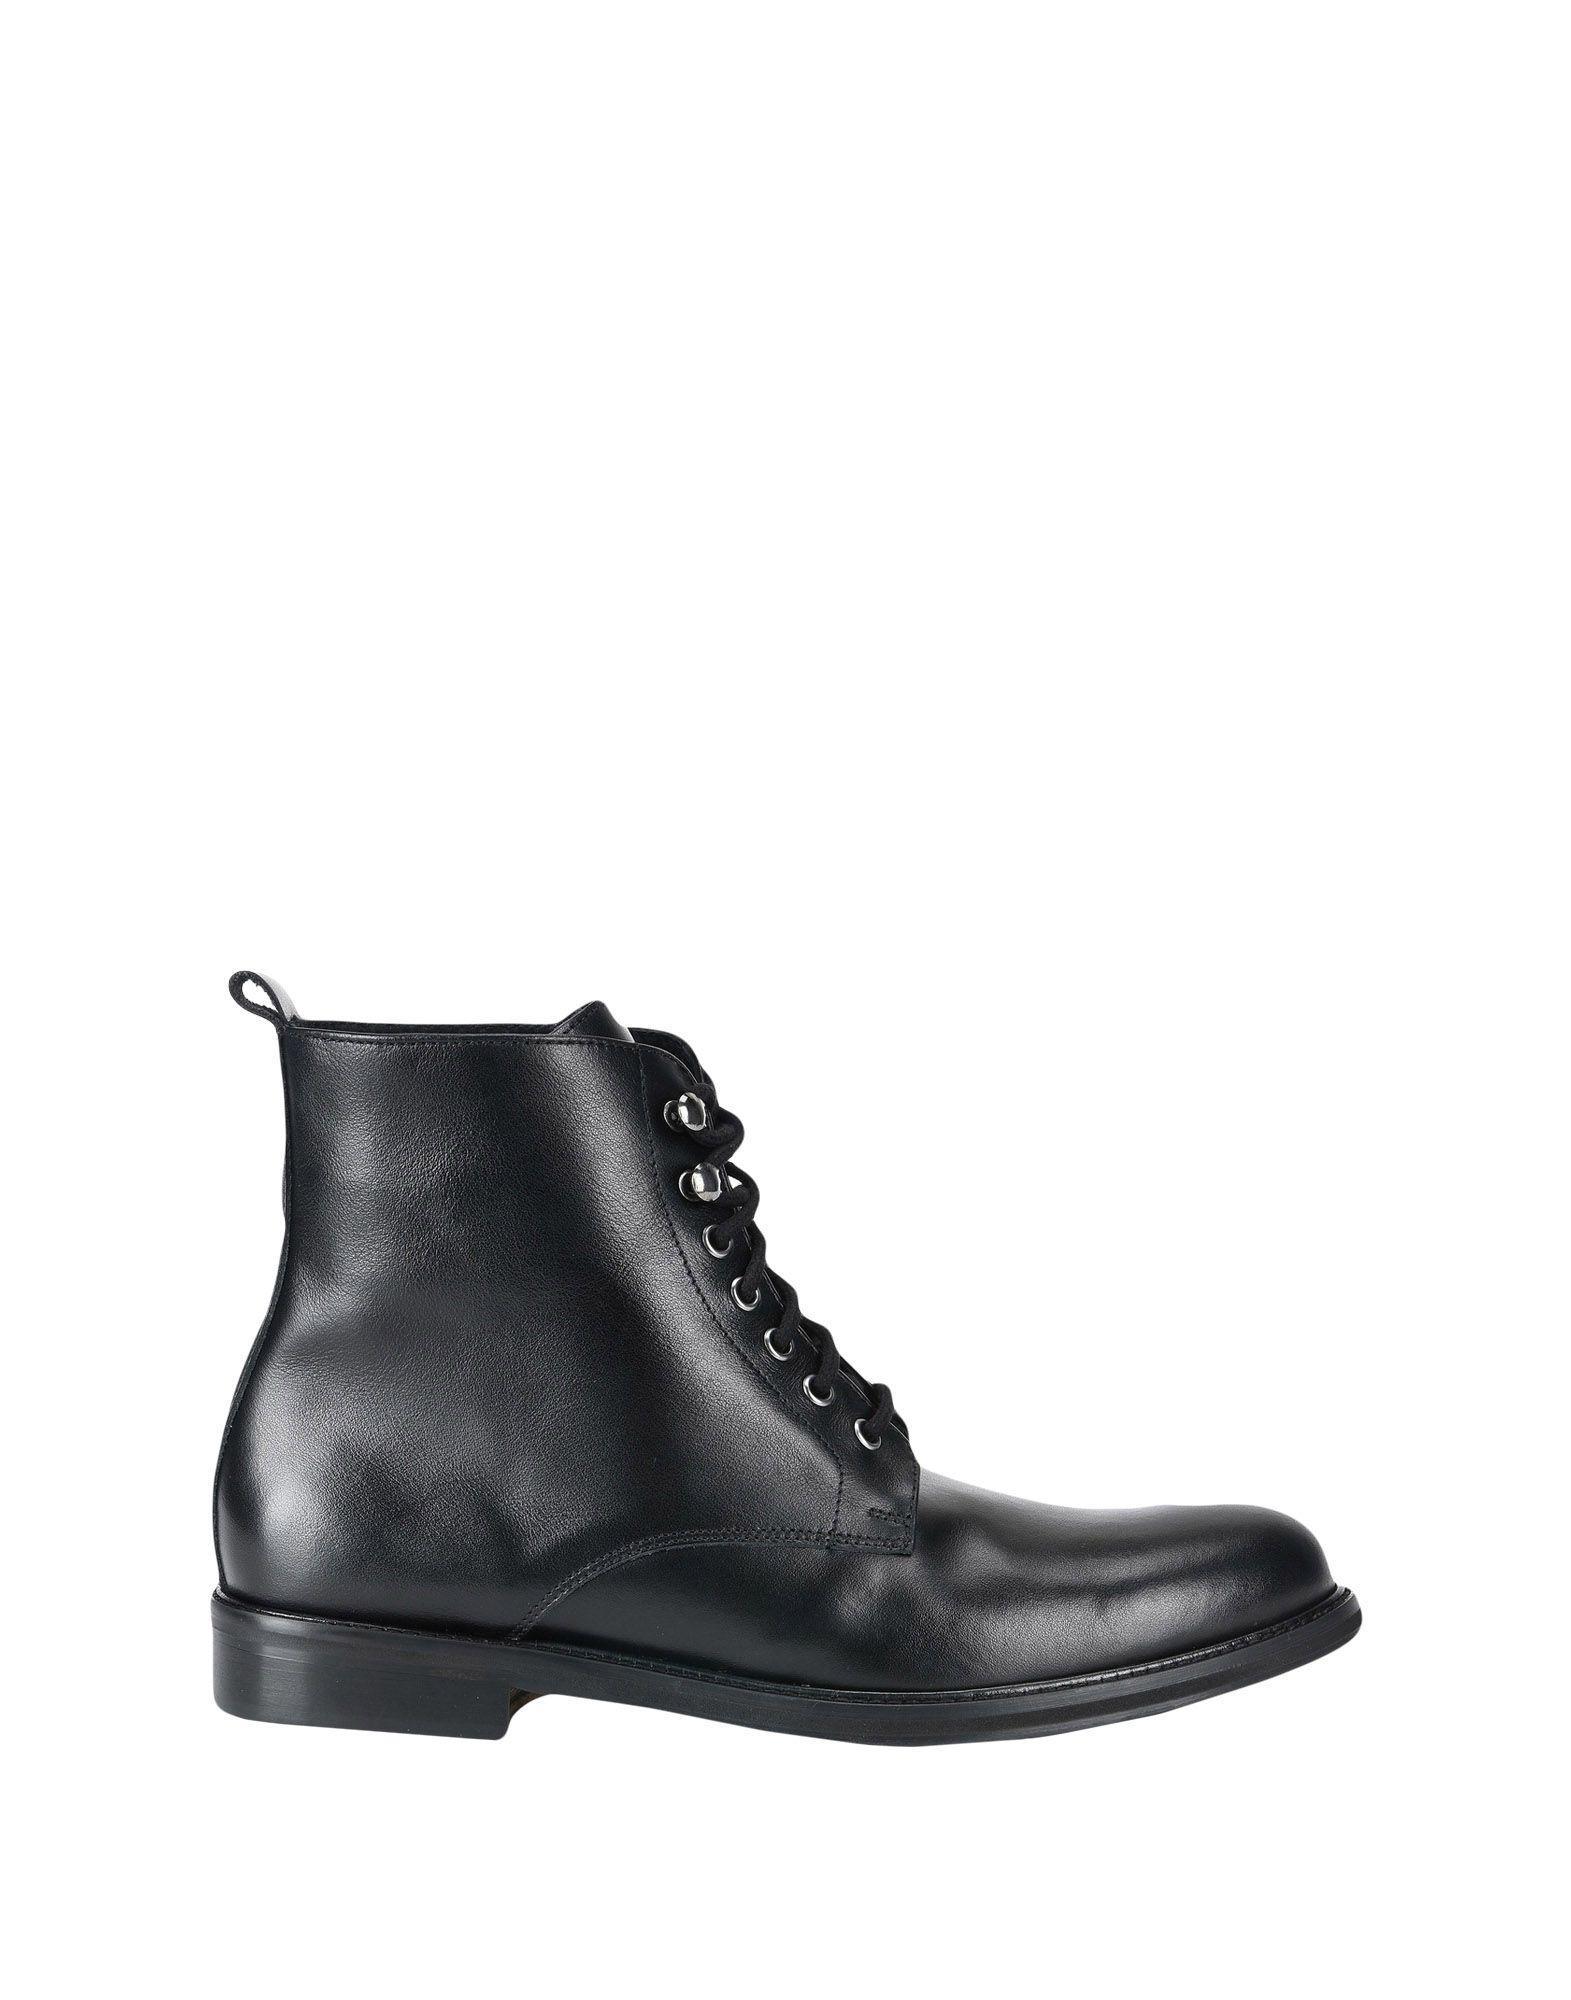 Ylati Heritage Stiefelette Herren  11482921EO Gute Qualität beliebte Schuhe